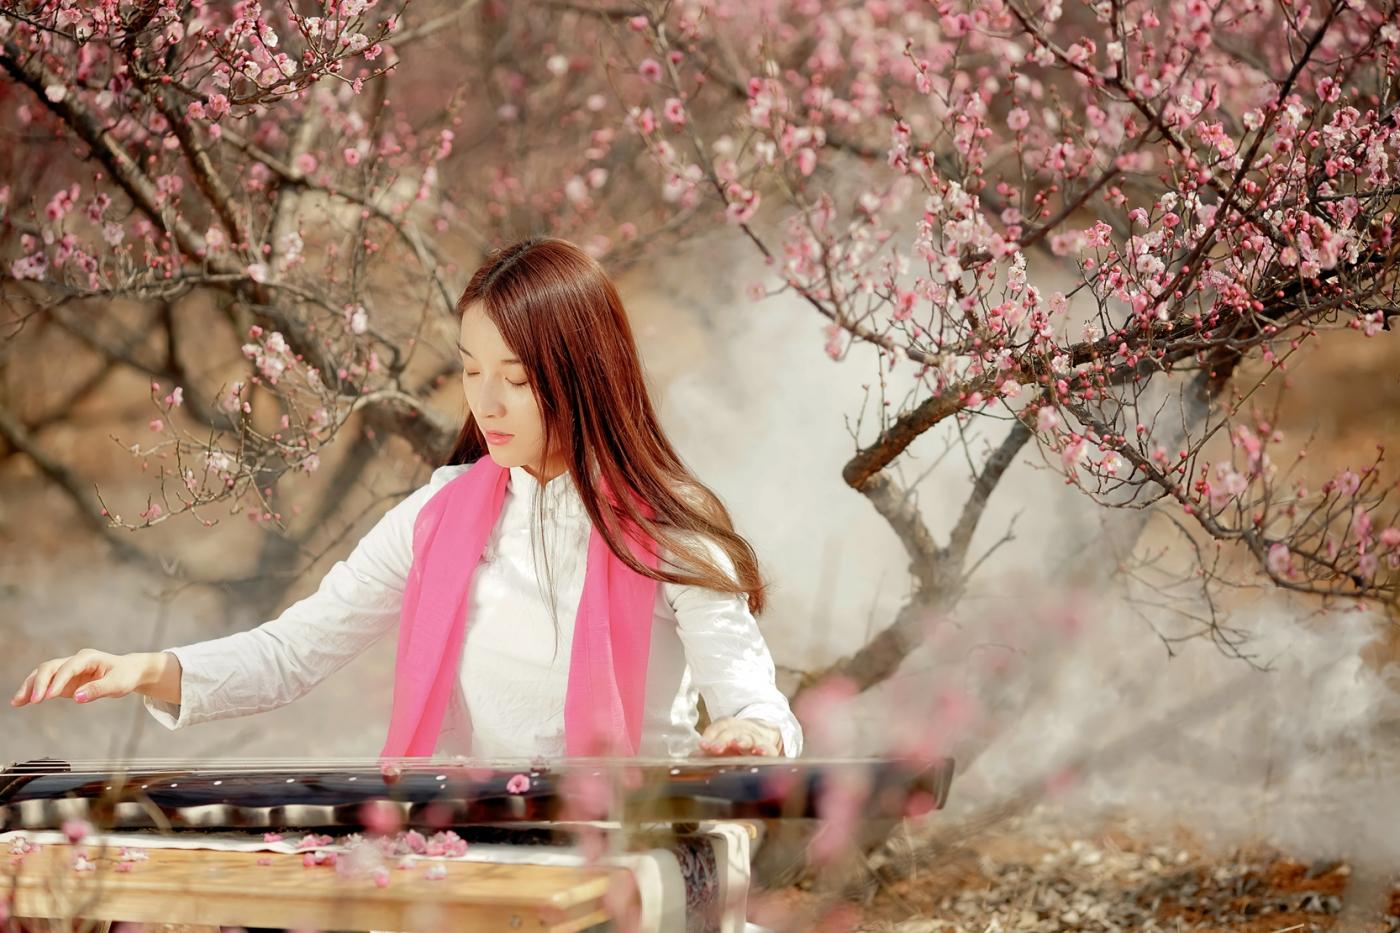 费县的春天从鲜花烂漫的梅林和女孩张诗奇的偶遇开始_图1-9